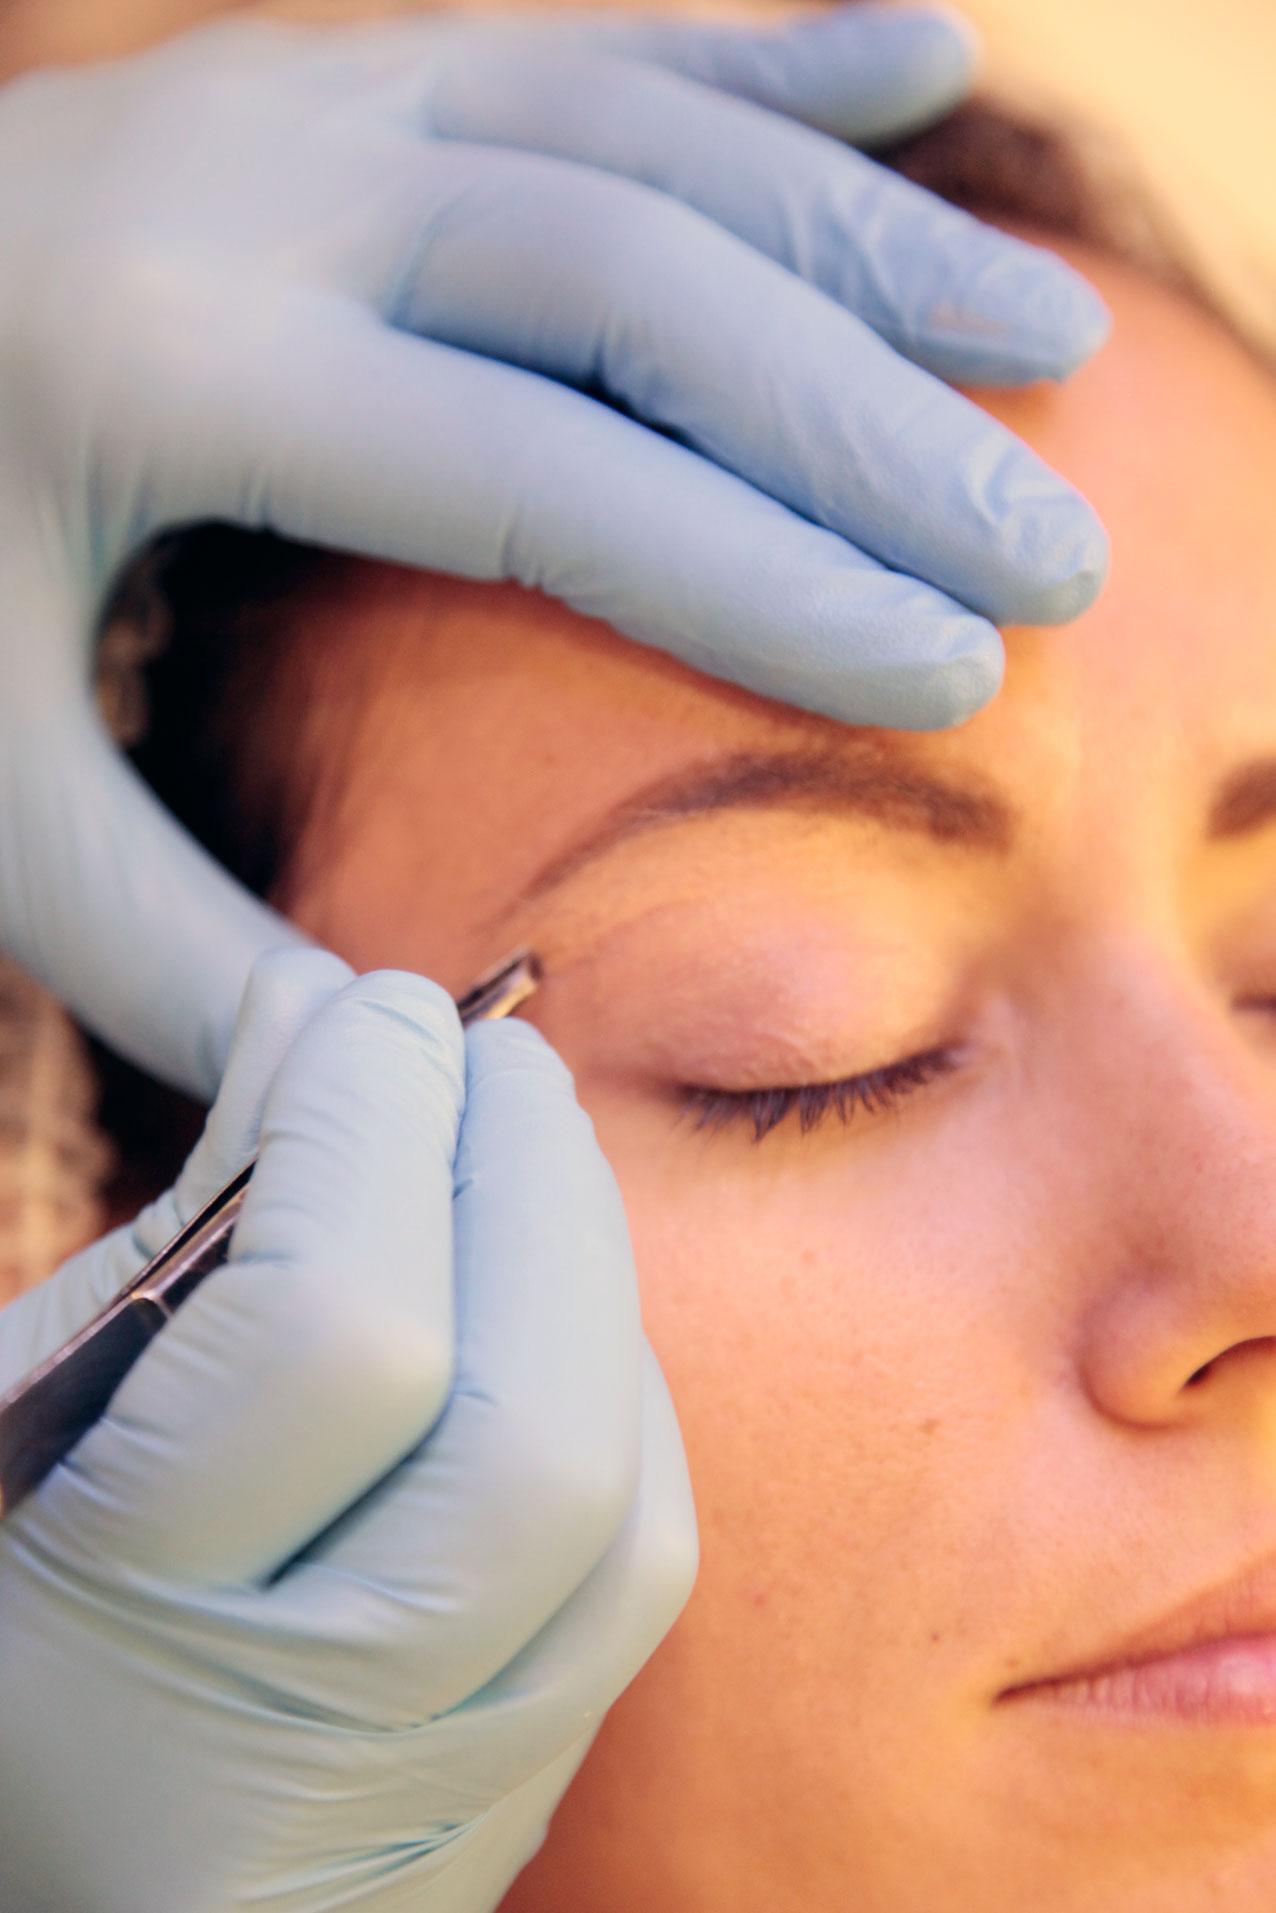 tratamiento-micropigmentacion_cejas-angela_navarro-belleza10